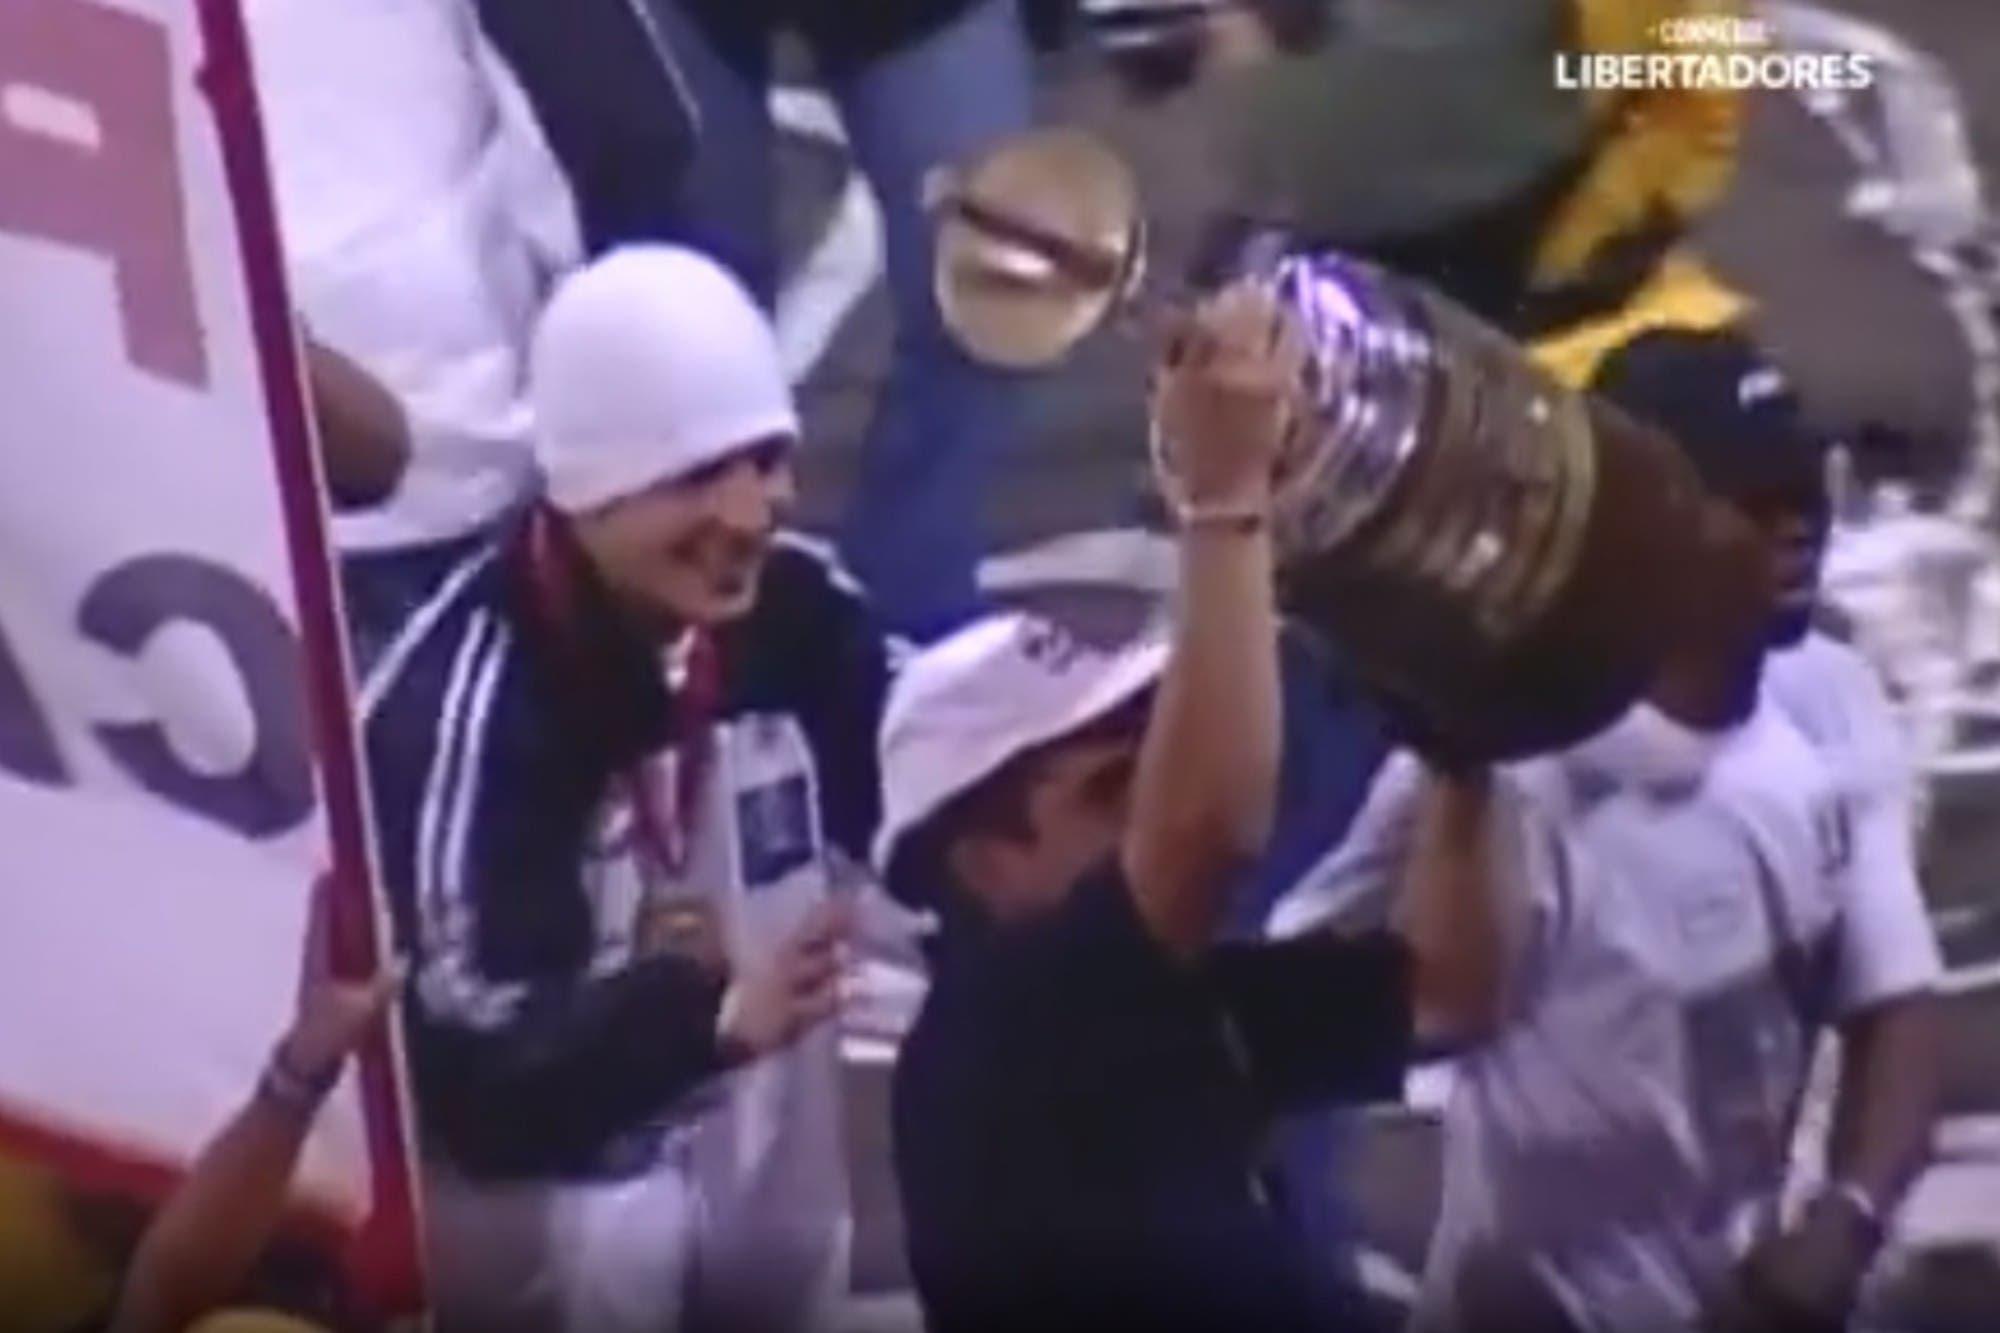 La Copa rota: el video inédito que muestra cómo Once Caldas dañó la Libertadores en 2004